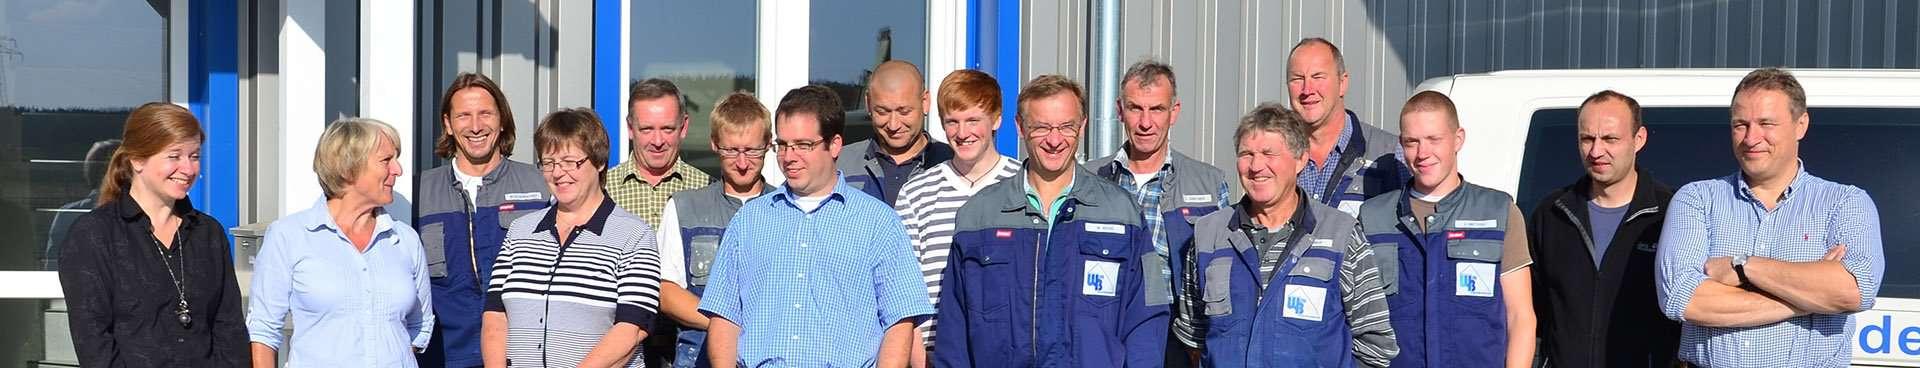 Witt Baugesellschaft - Bauen in der Wirtschaftsregion Nordheide